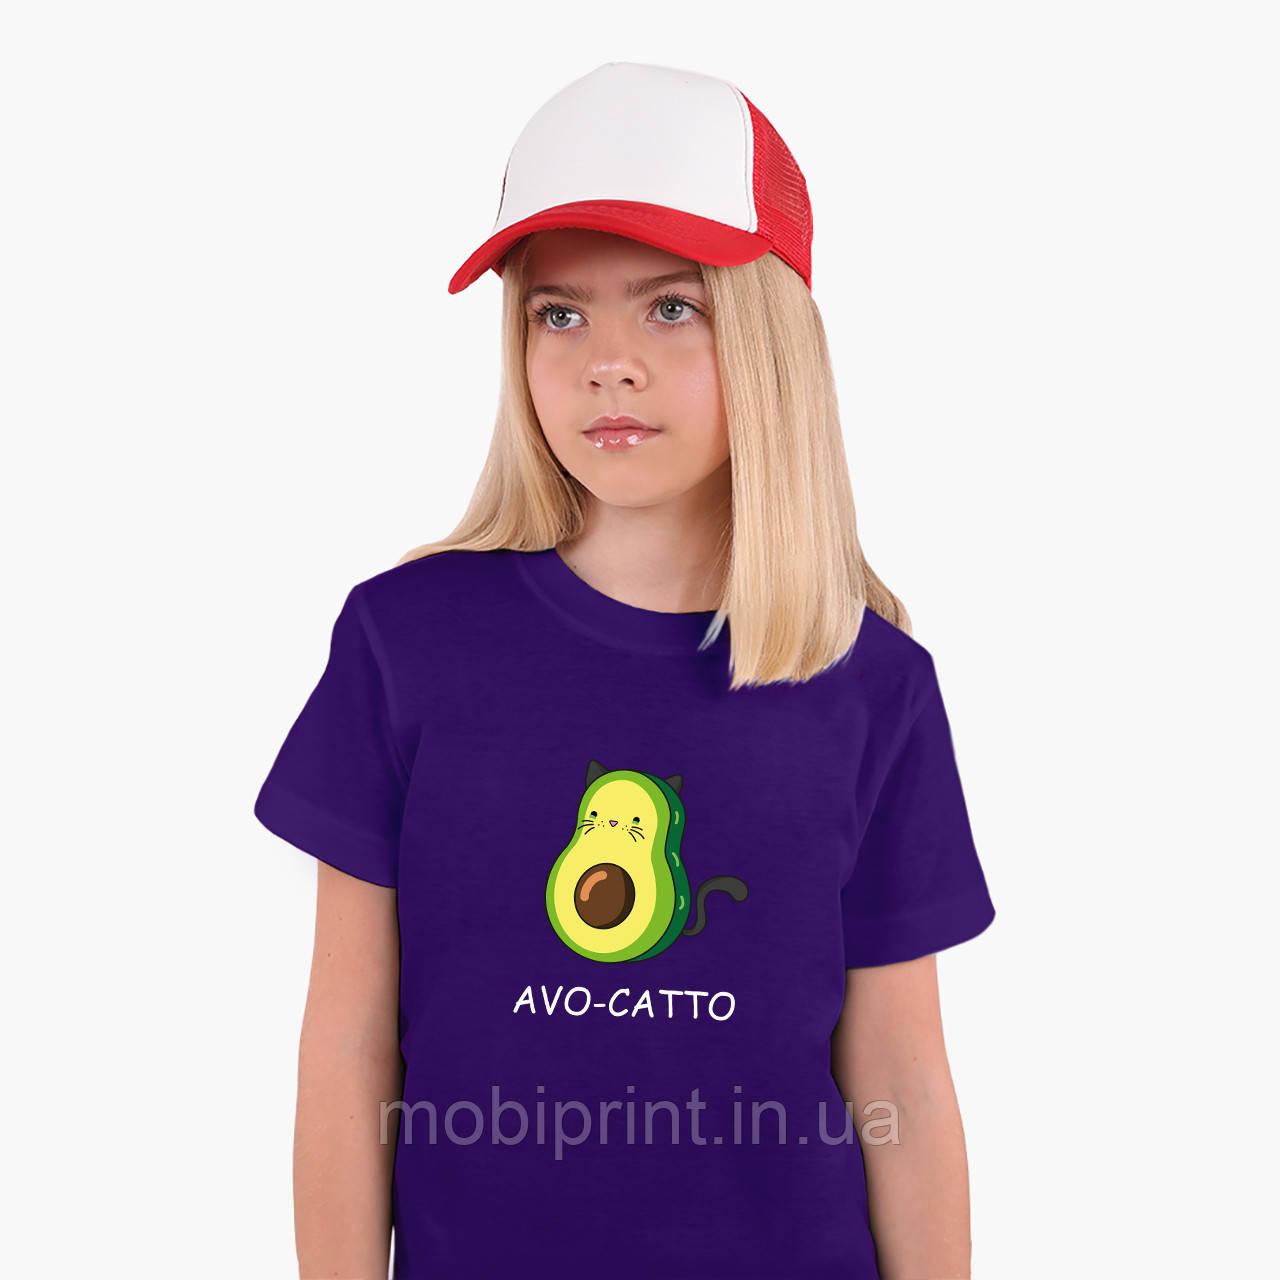 Детская футболка для девочек Авокадо (Avocado) (25186-1372) Фиолетовый